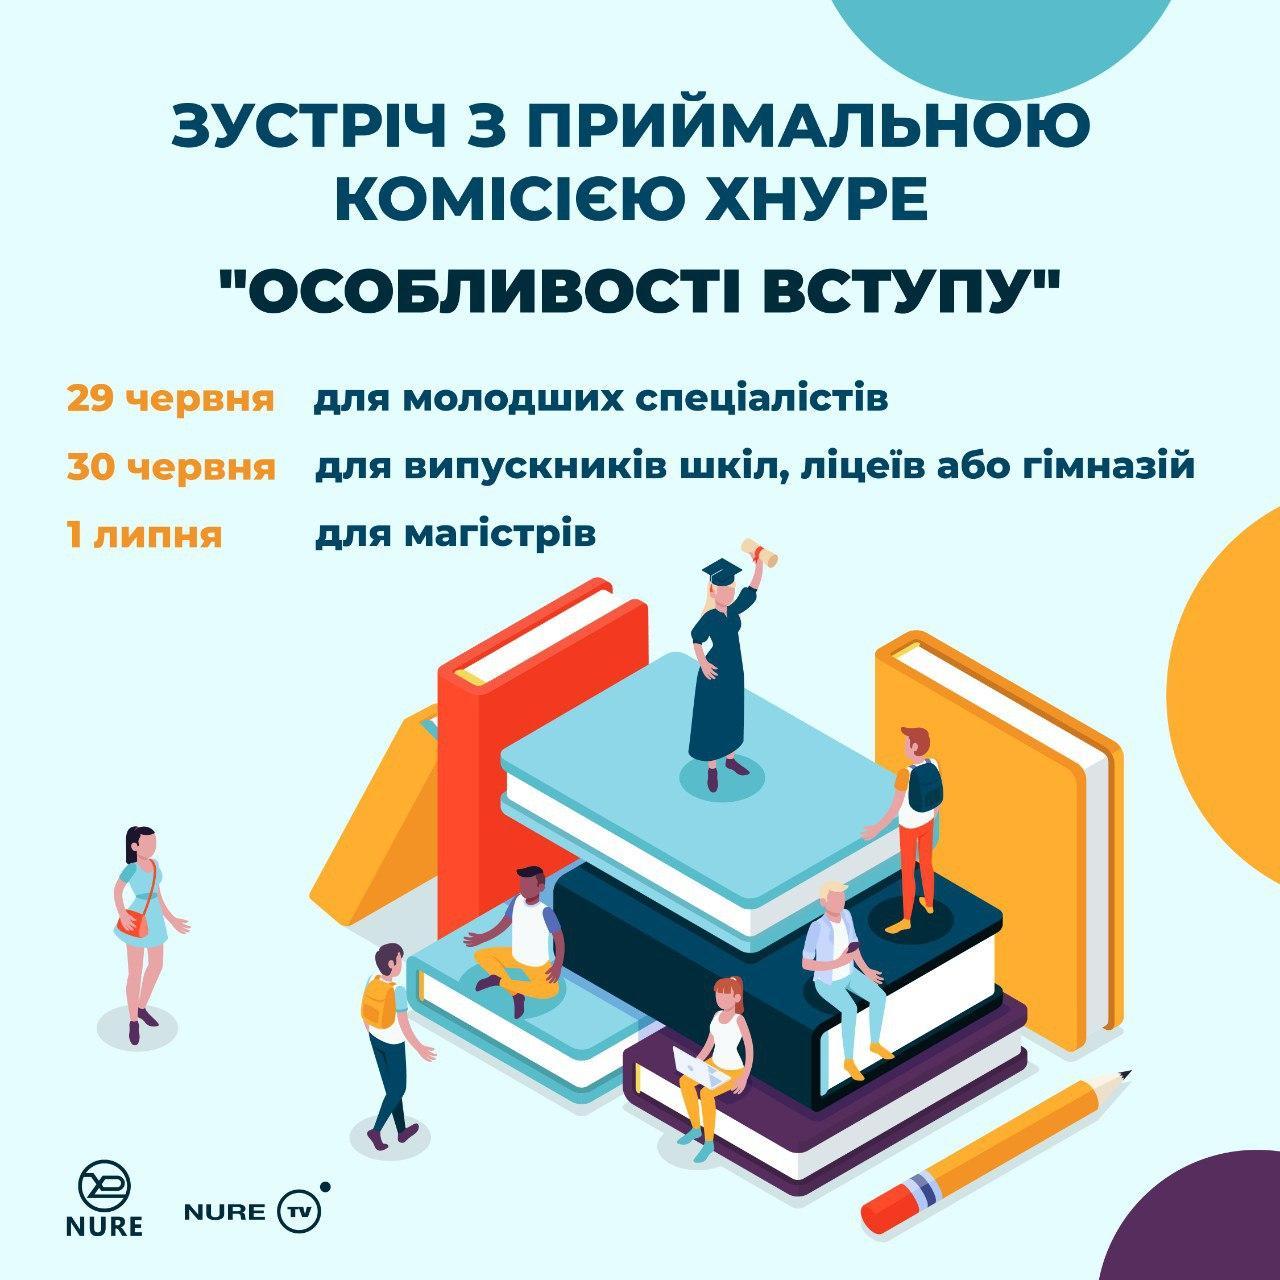 Онлайн-зустрічі з Приймальною комісією